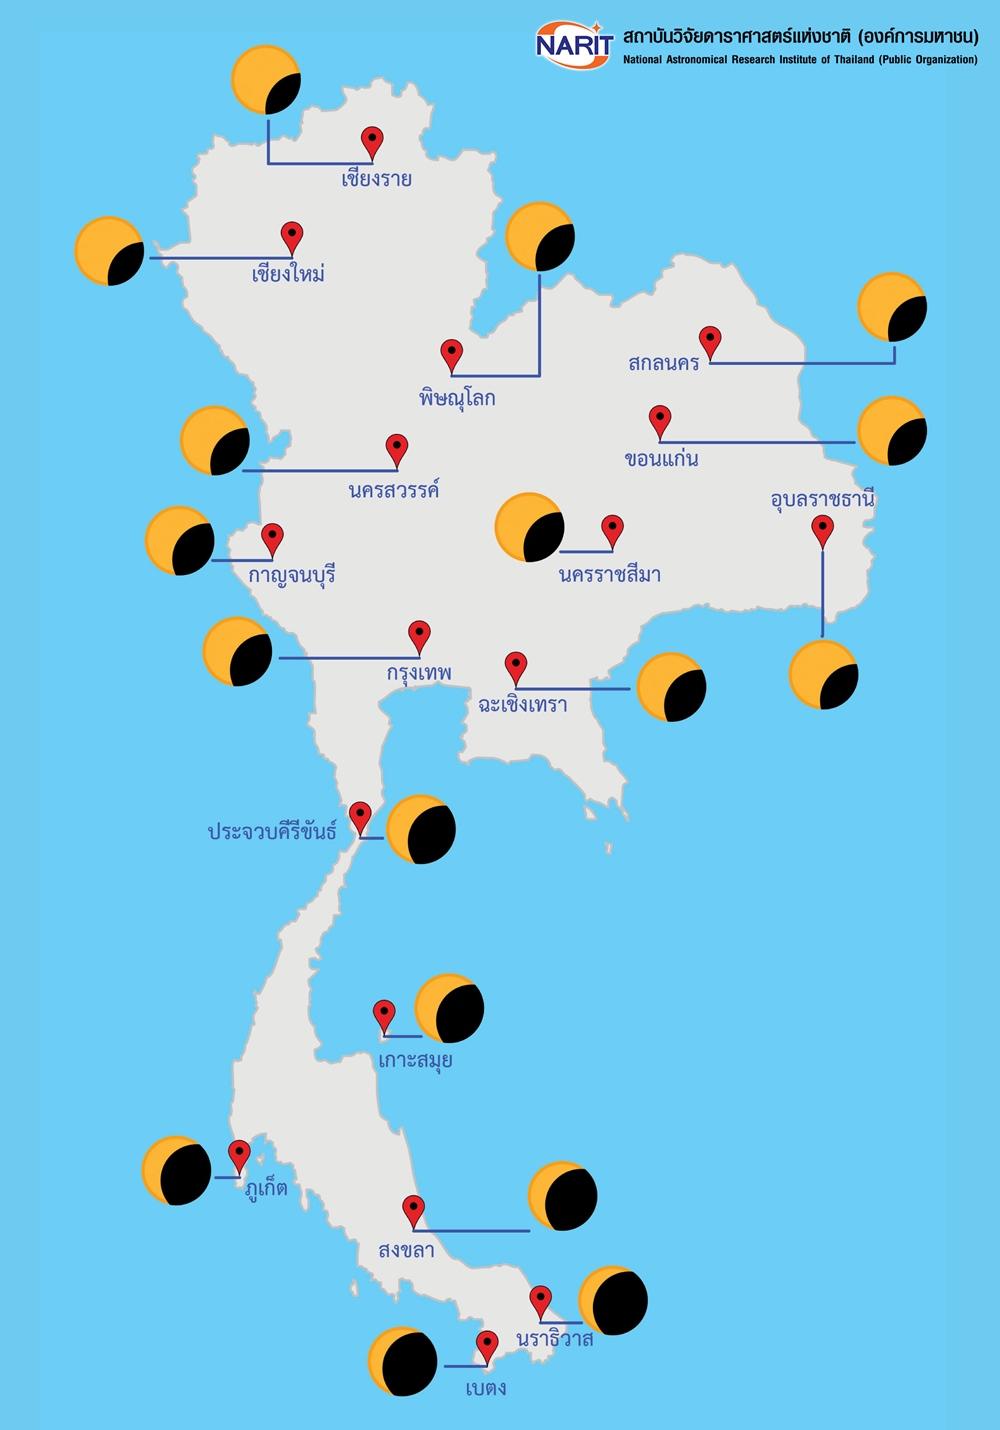 แผนที่แสดงการเกิดสุริยุปราคาบางส่วนในแต่ละพื้นที่ของไทย